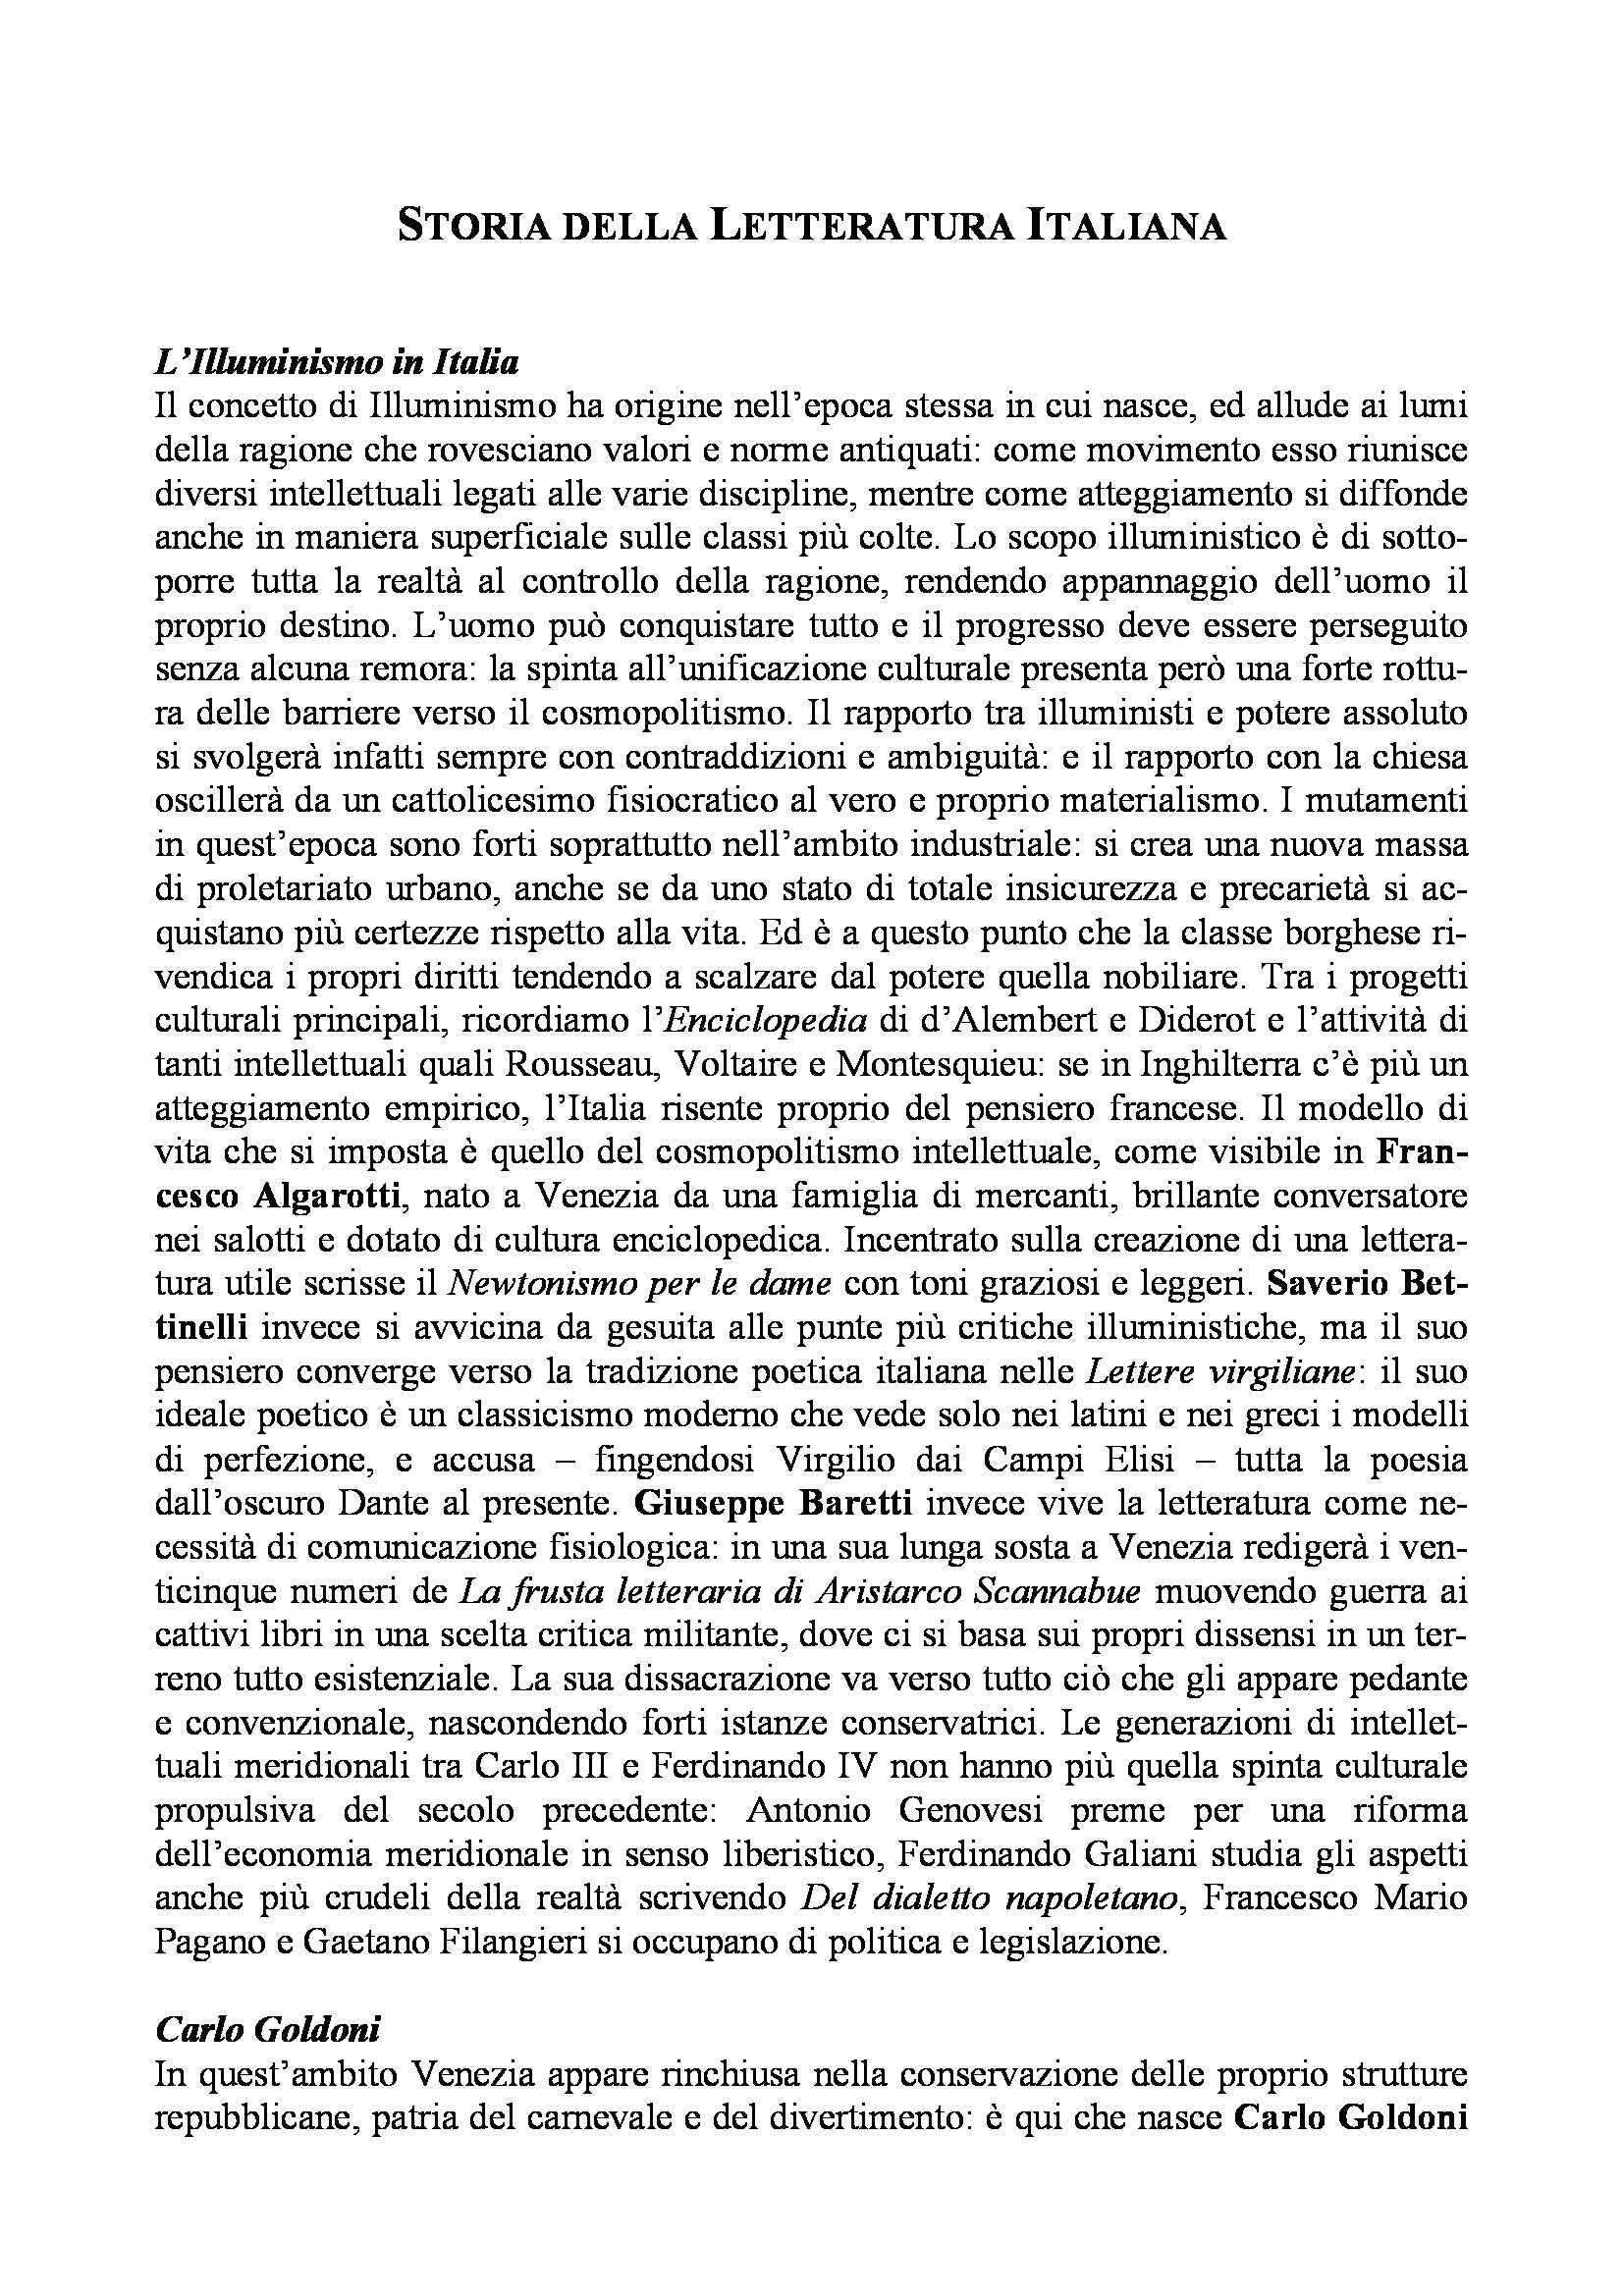 Letteratura italiana - illuminismo, Alfieri e Monti